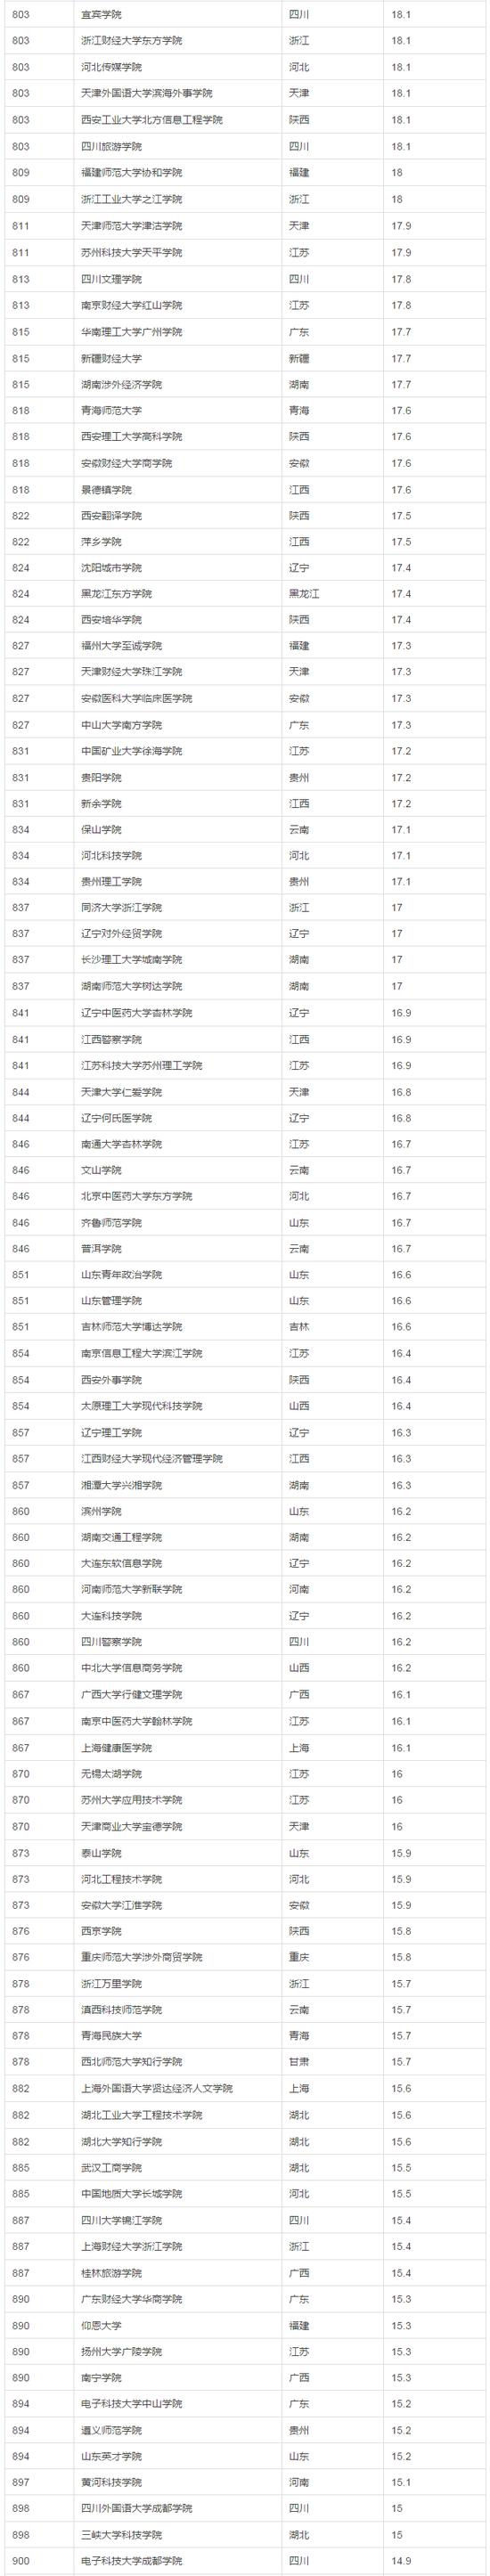 2017年中国大学生源质量排名(完整版)